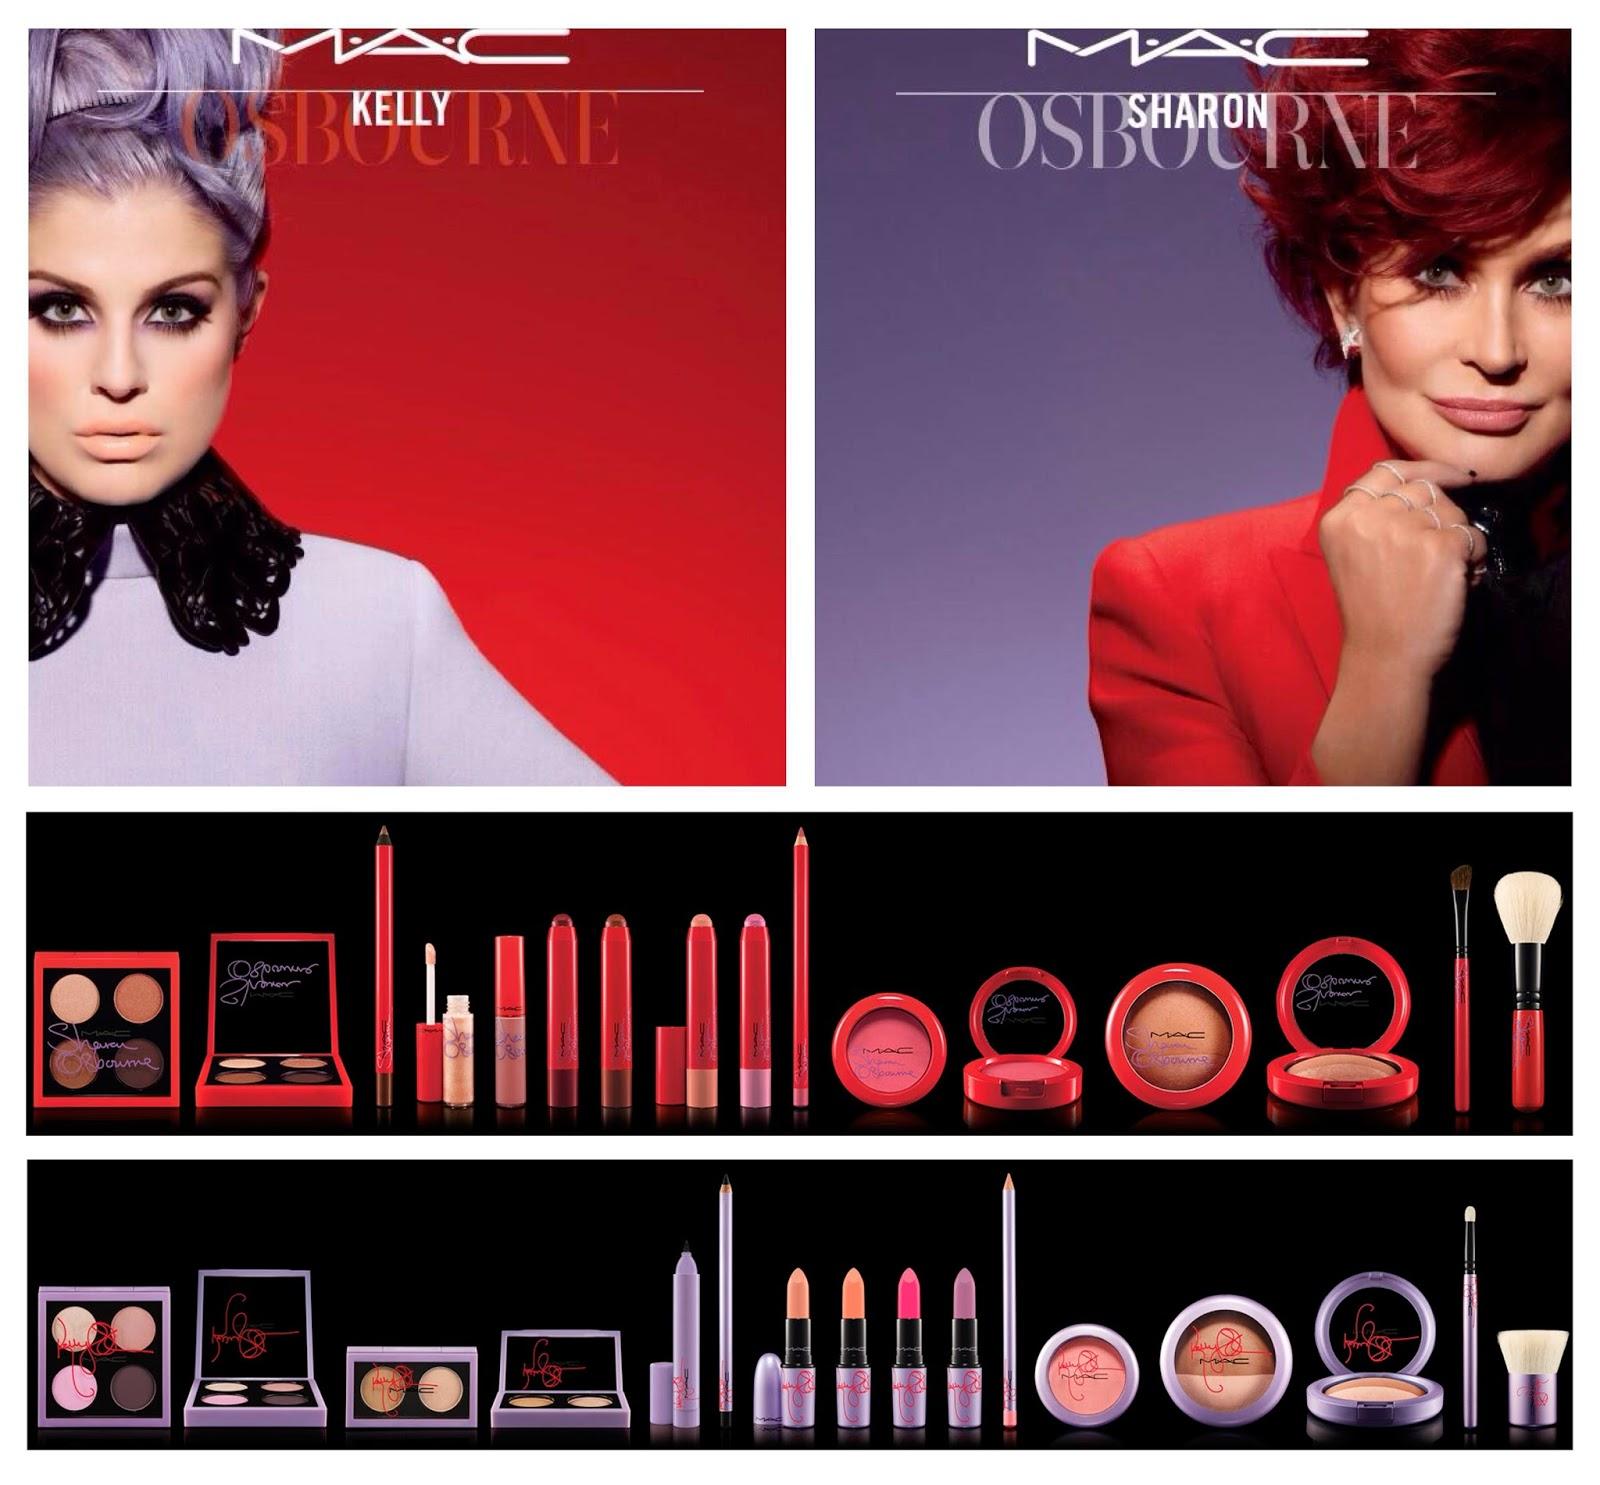 Coleção Sharon e Kelly Osbourne para MAC